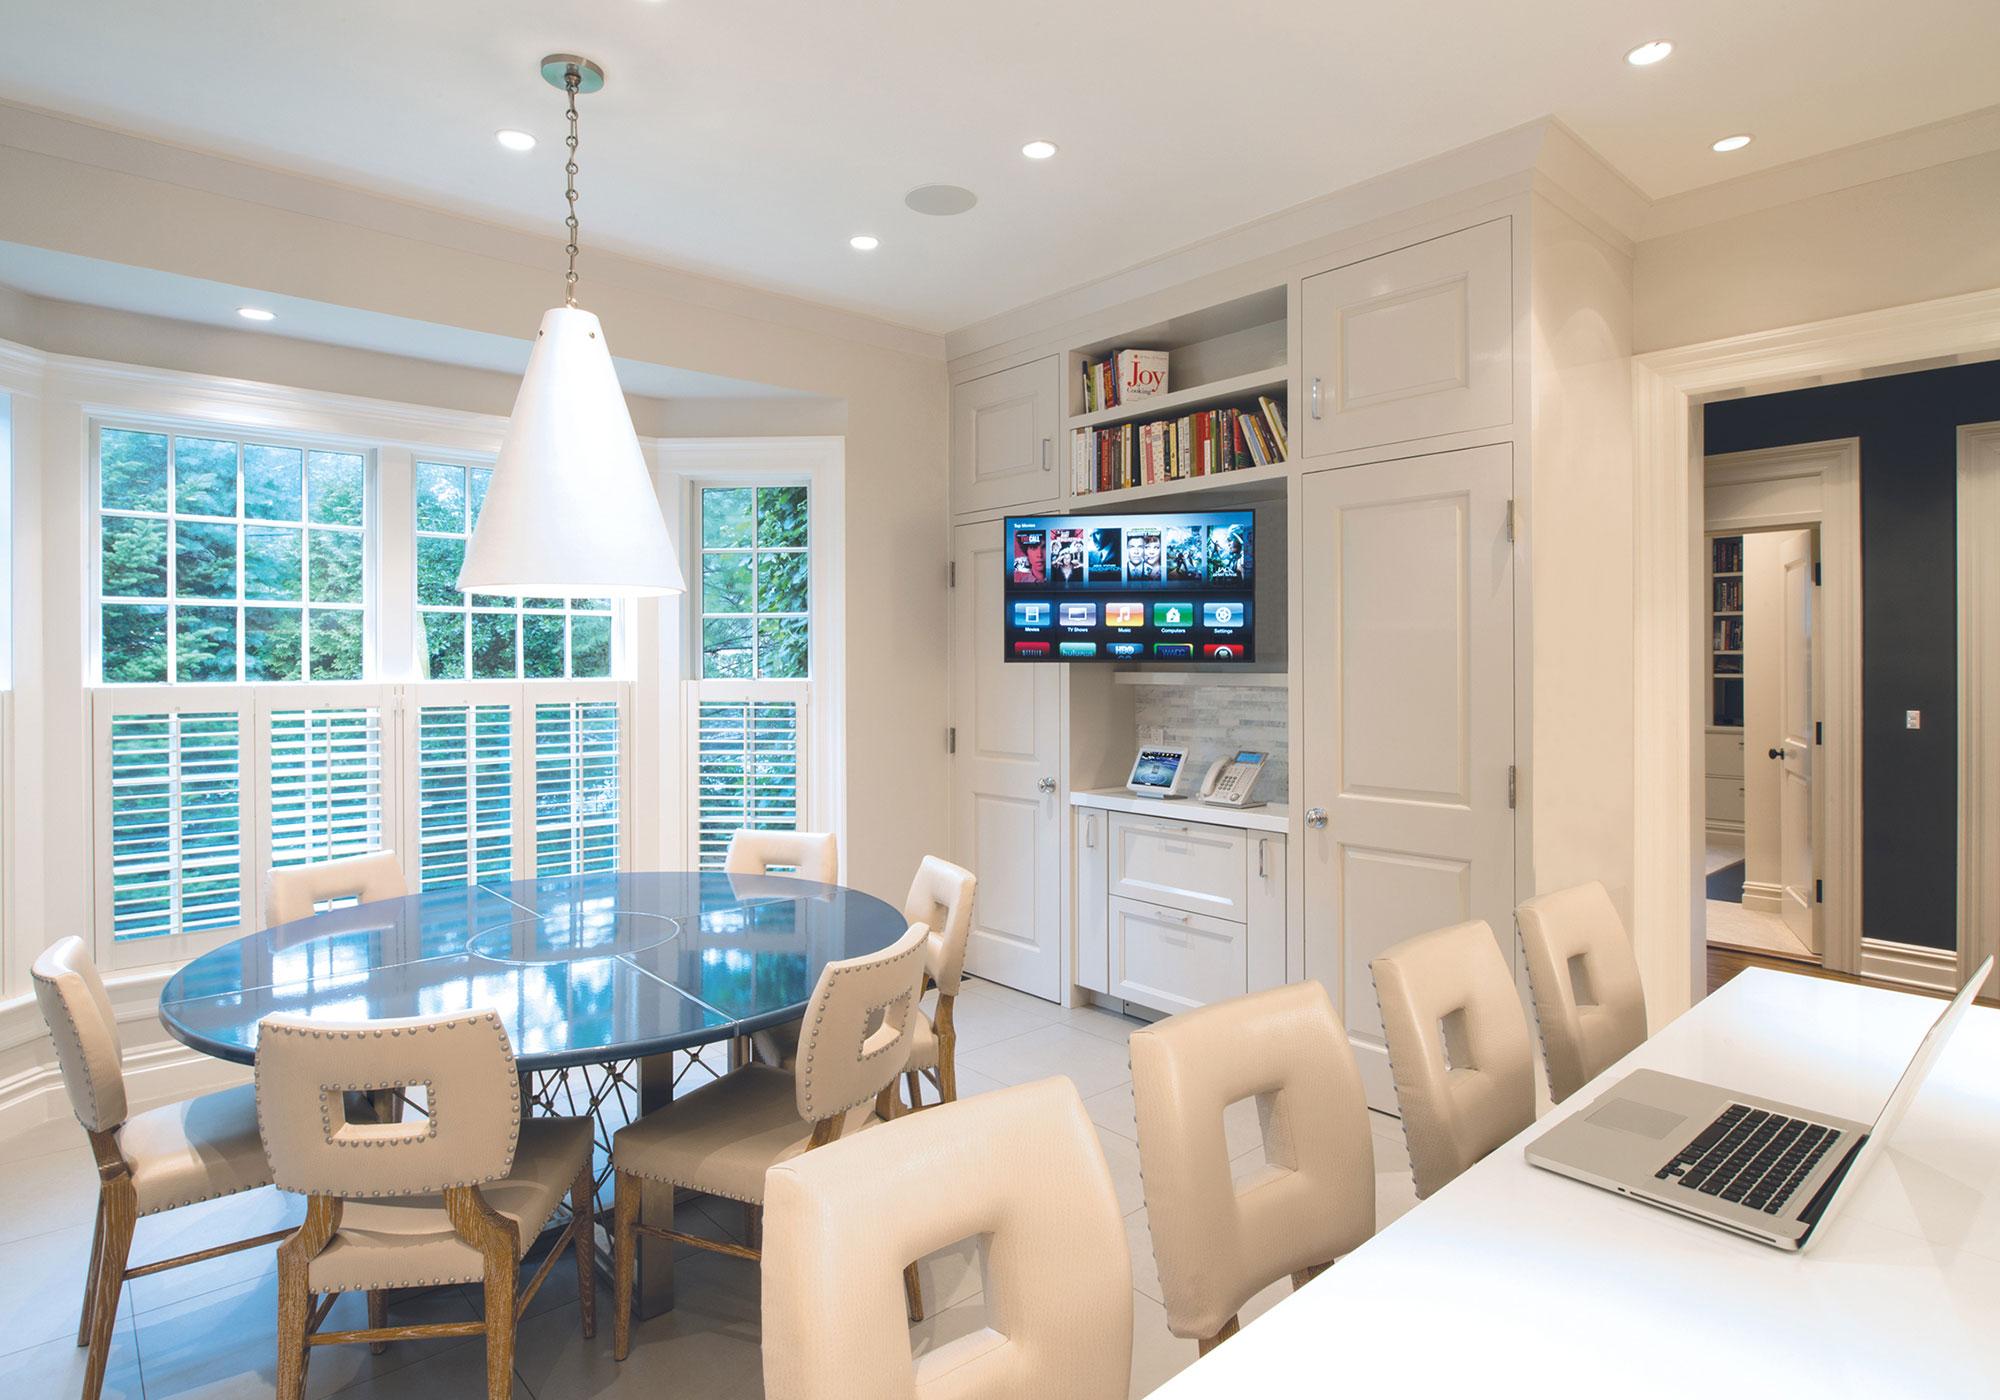 kitchen, tv, articulating arm